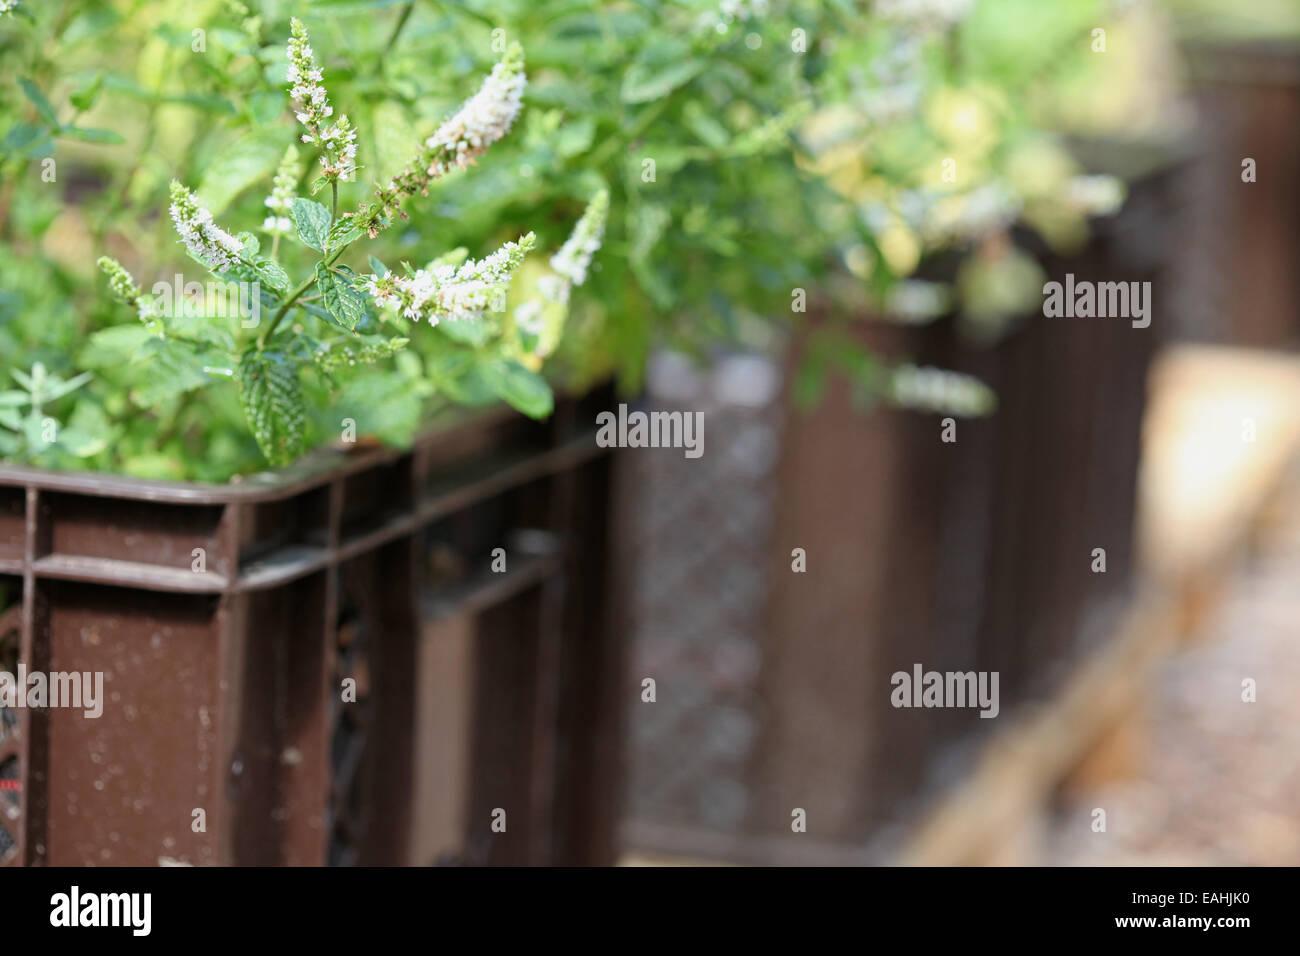 Menta marroquí de plantas cultivadas en cajas en un proyecto de horticultura urbana en Alemania Foto de stock